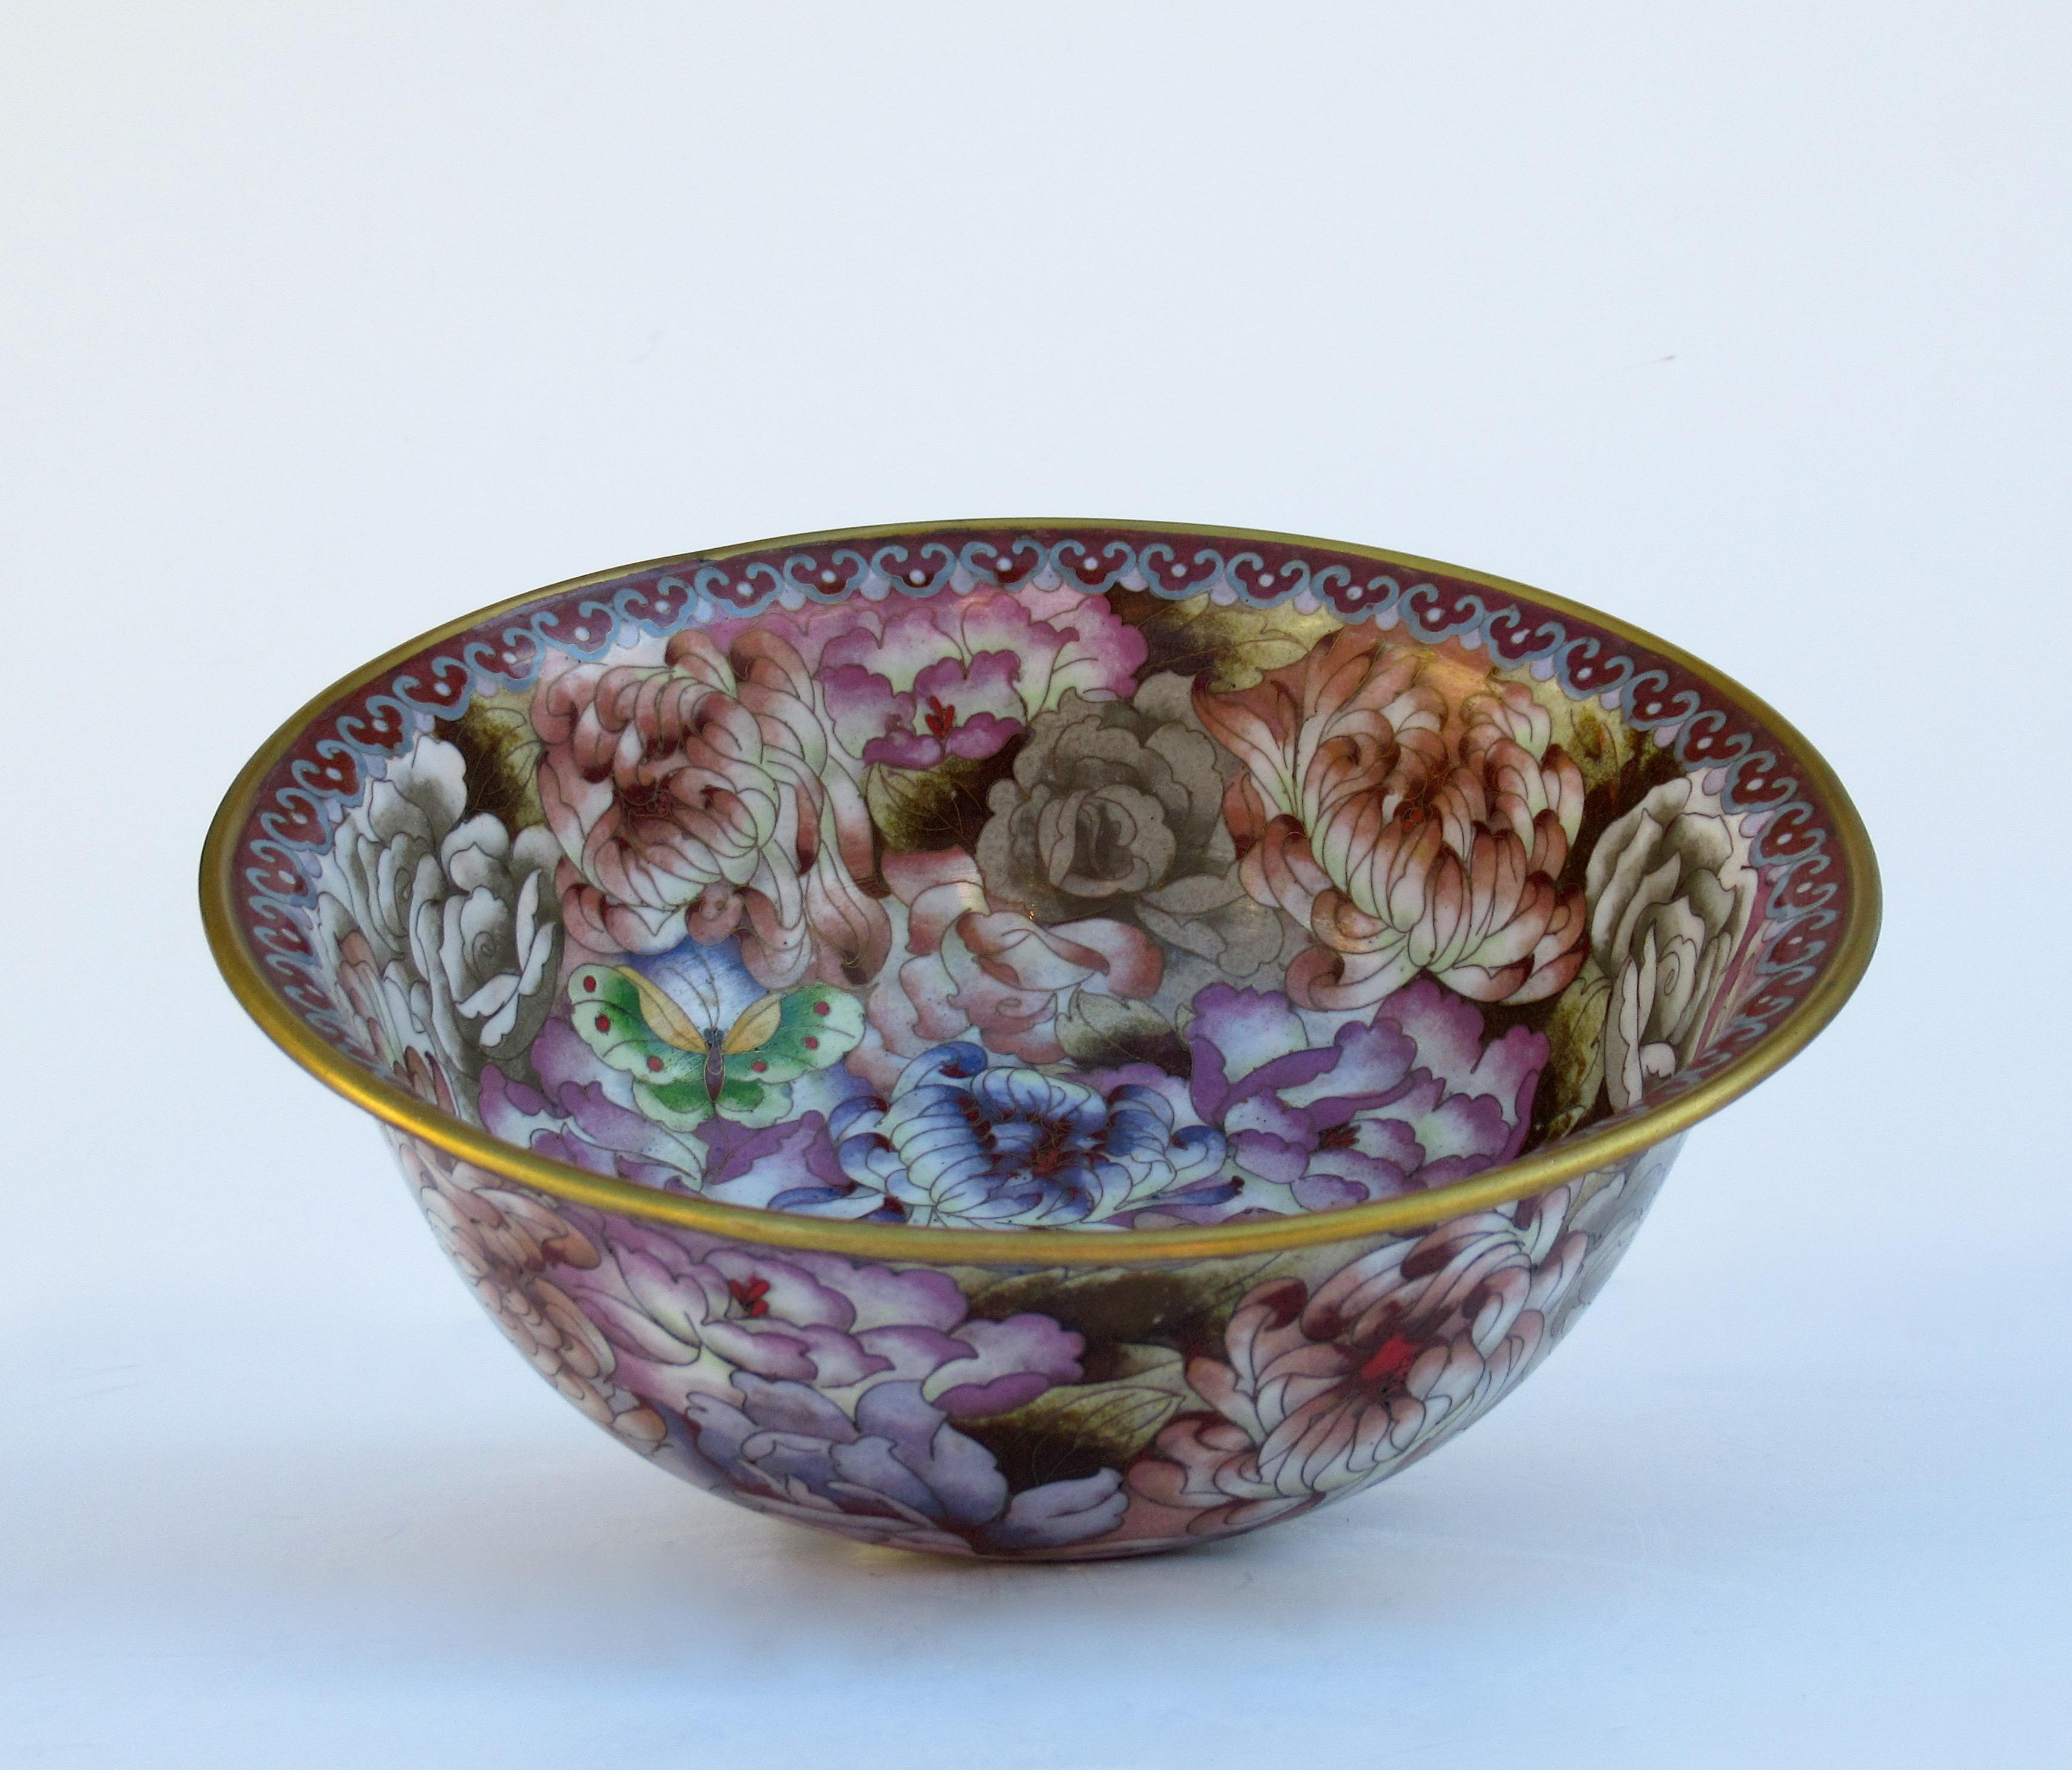 Gift Asian decor bowl Vintage Asian Chrysanthemum Cloisonne Bowl Decor beautiful bowl serving On sale Cloisonne